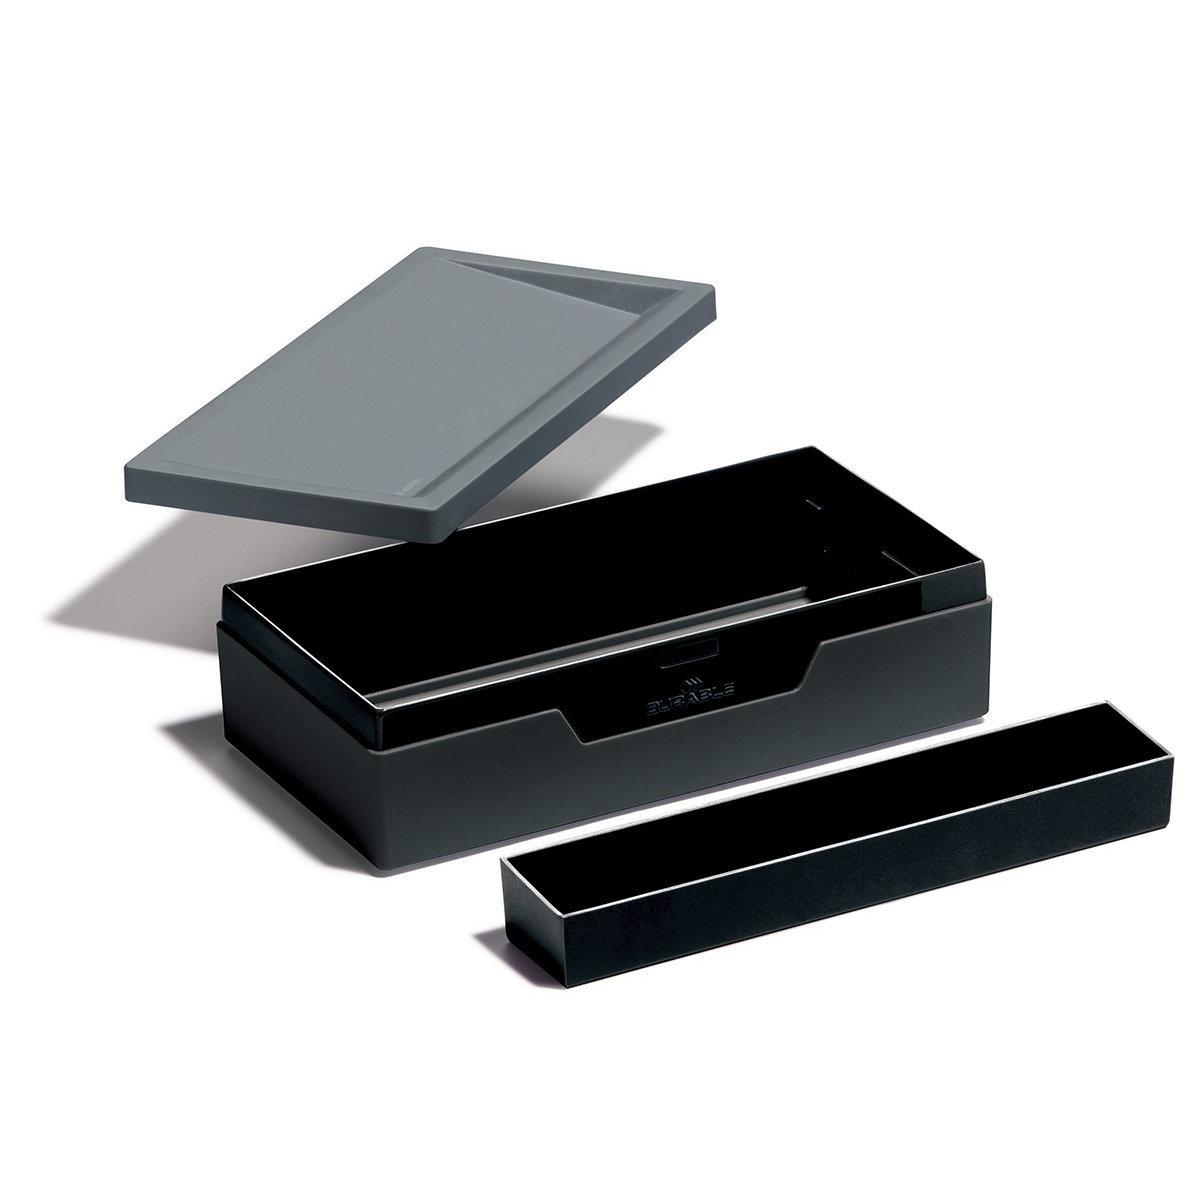 Durable boite de rangement varicolor noir bo te de - Boite de rangement a compartiment ...